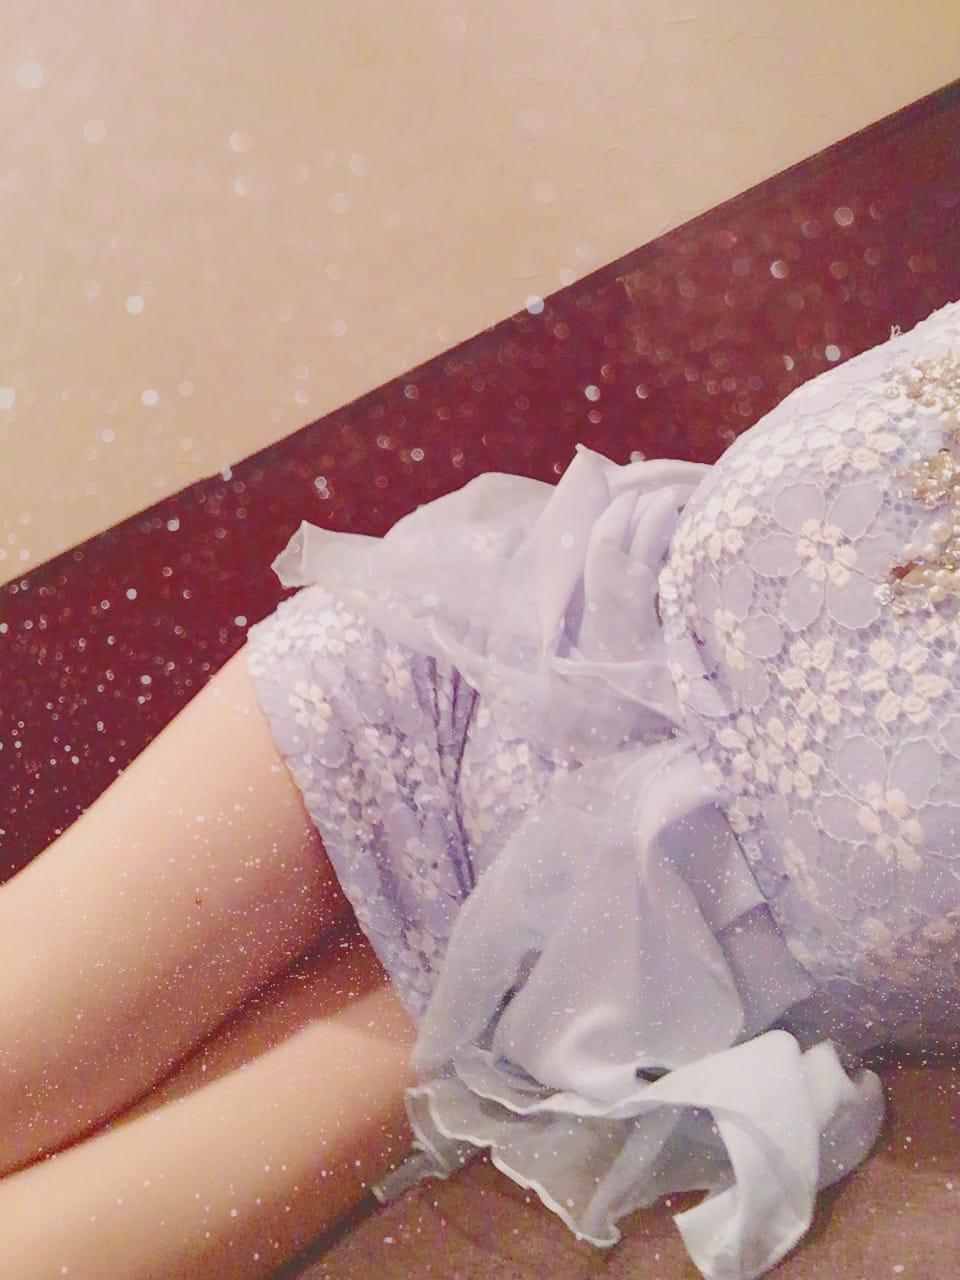 「こんにちは」01/18(木) 16:45 | ソラの写メ・風俗動画